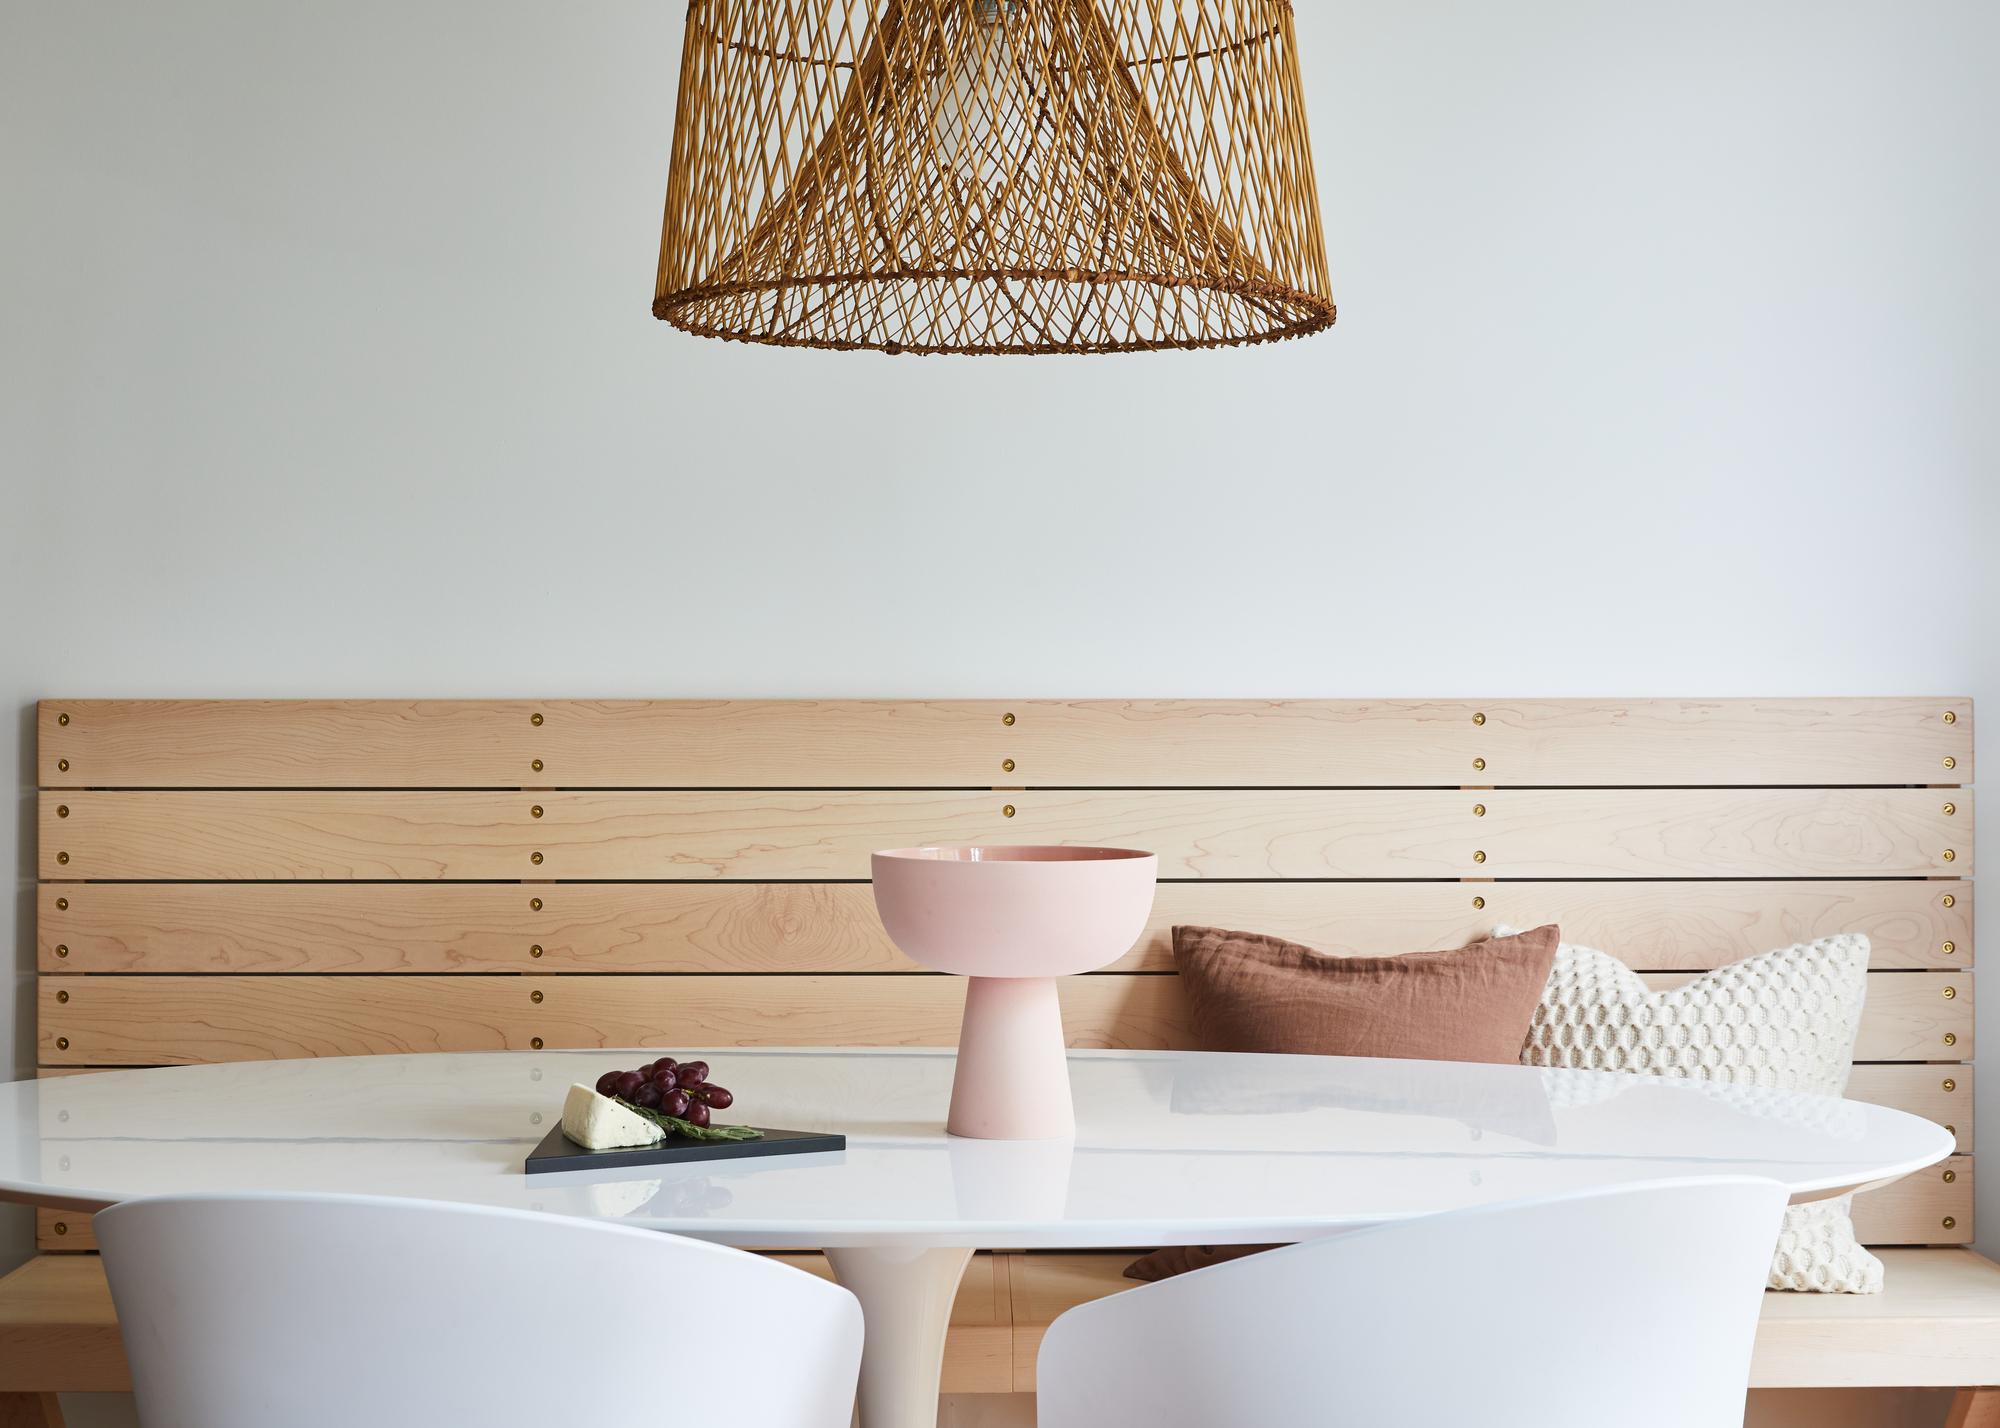 Dining_Table_Vignette.jpg